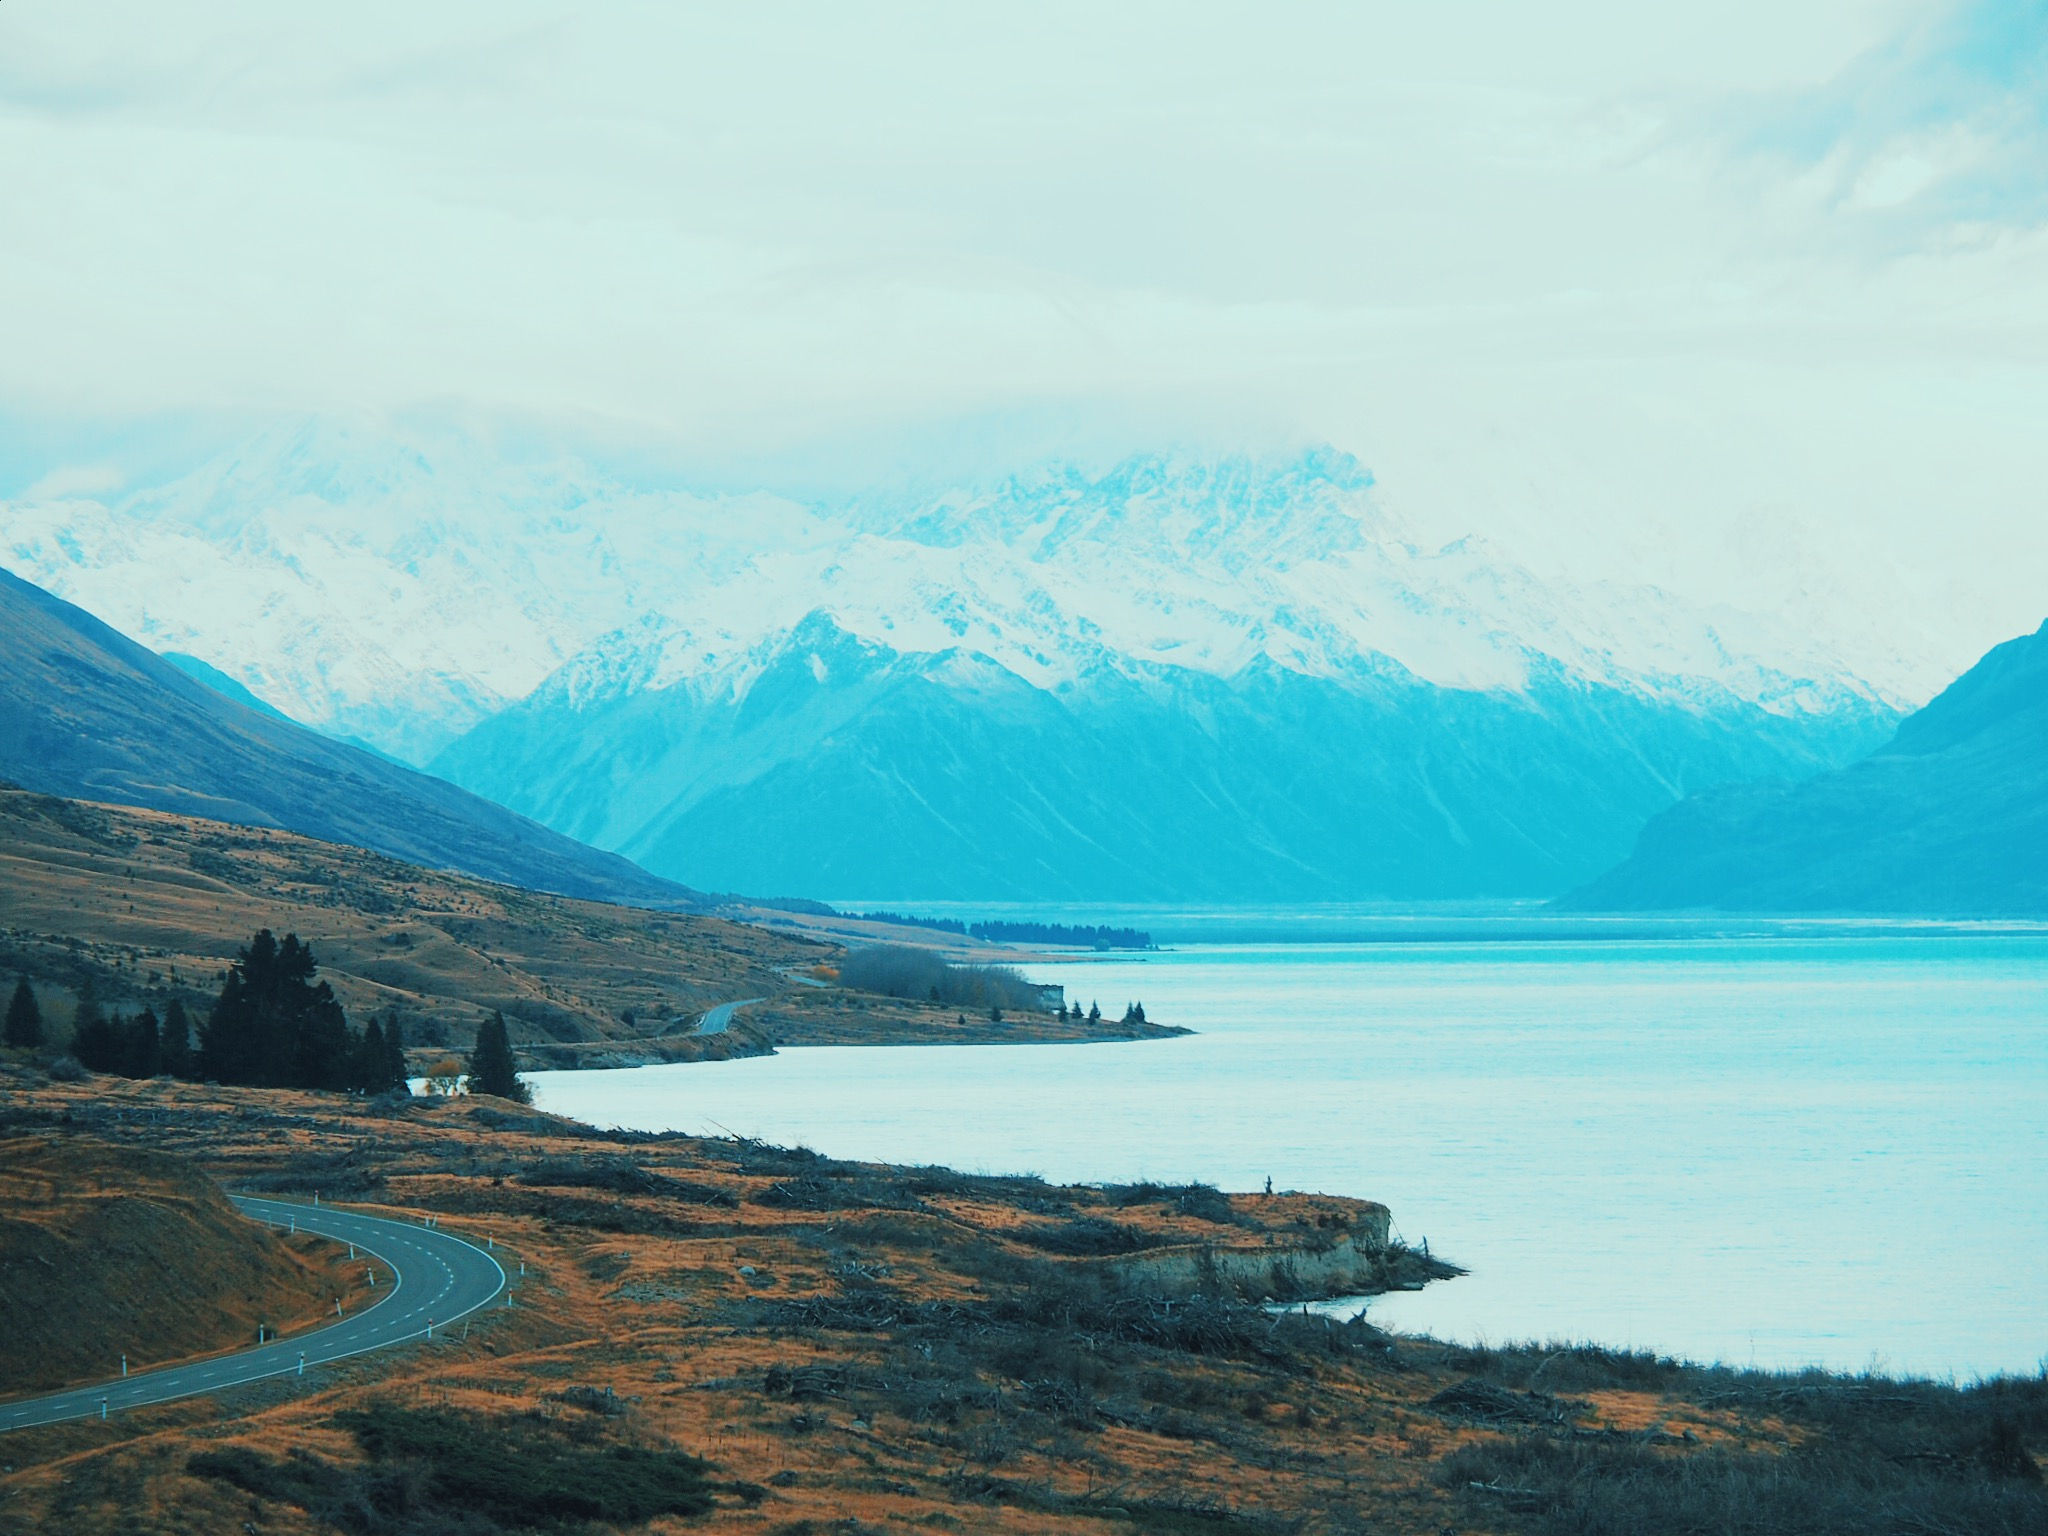 10 วัน แกรนด์นิวซีแลนด์